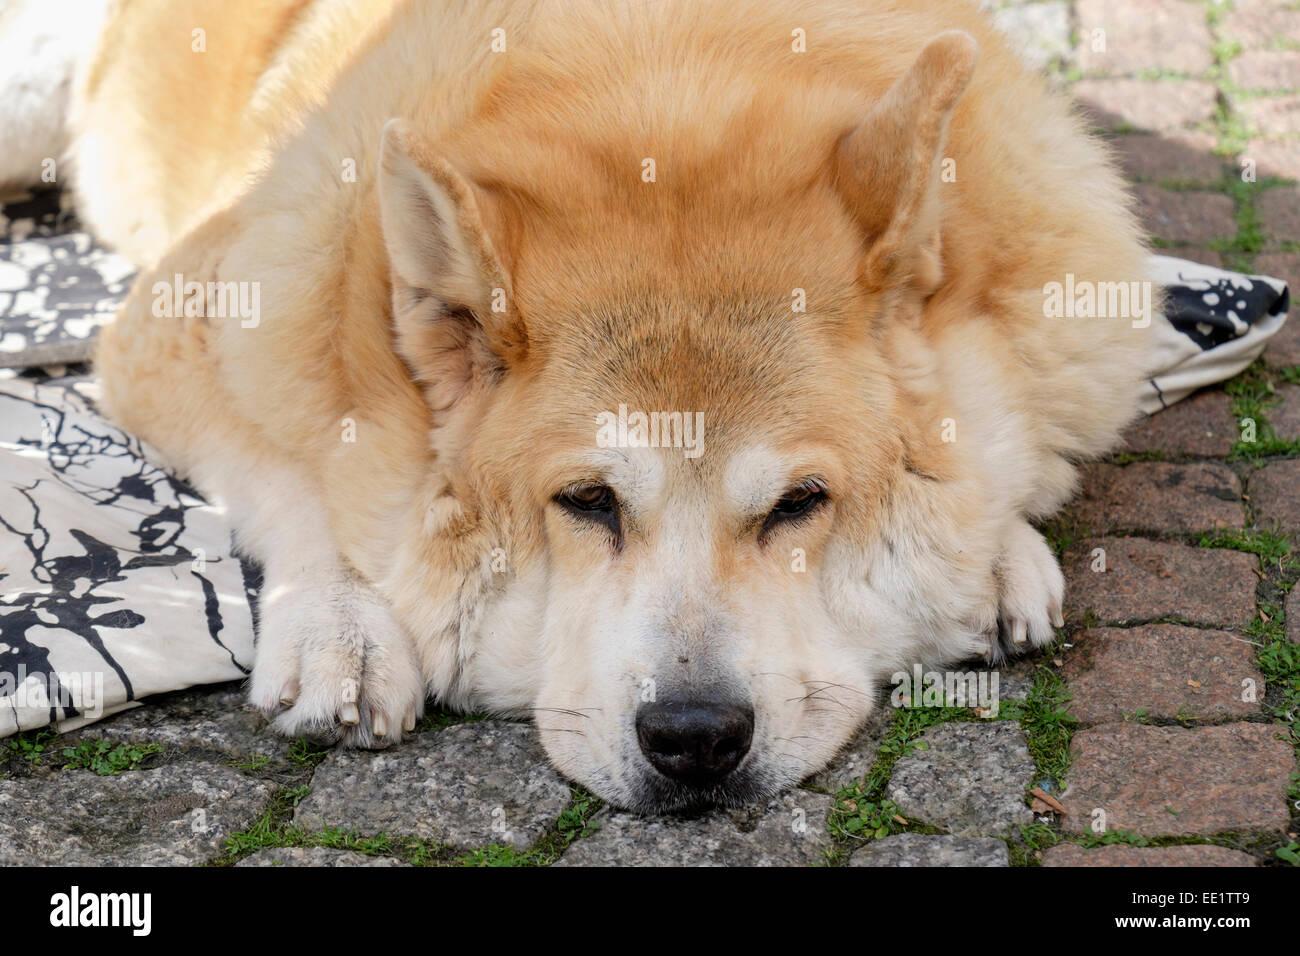 Bored Finnish Spitz Hound Dog dozing on the ground outside. Germany, Europe - Stock Image